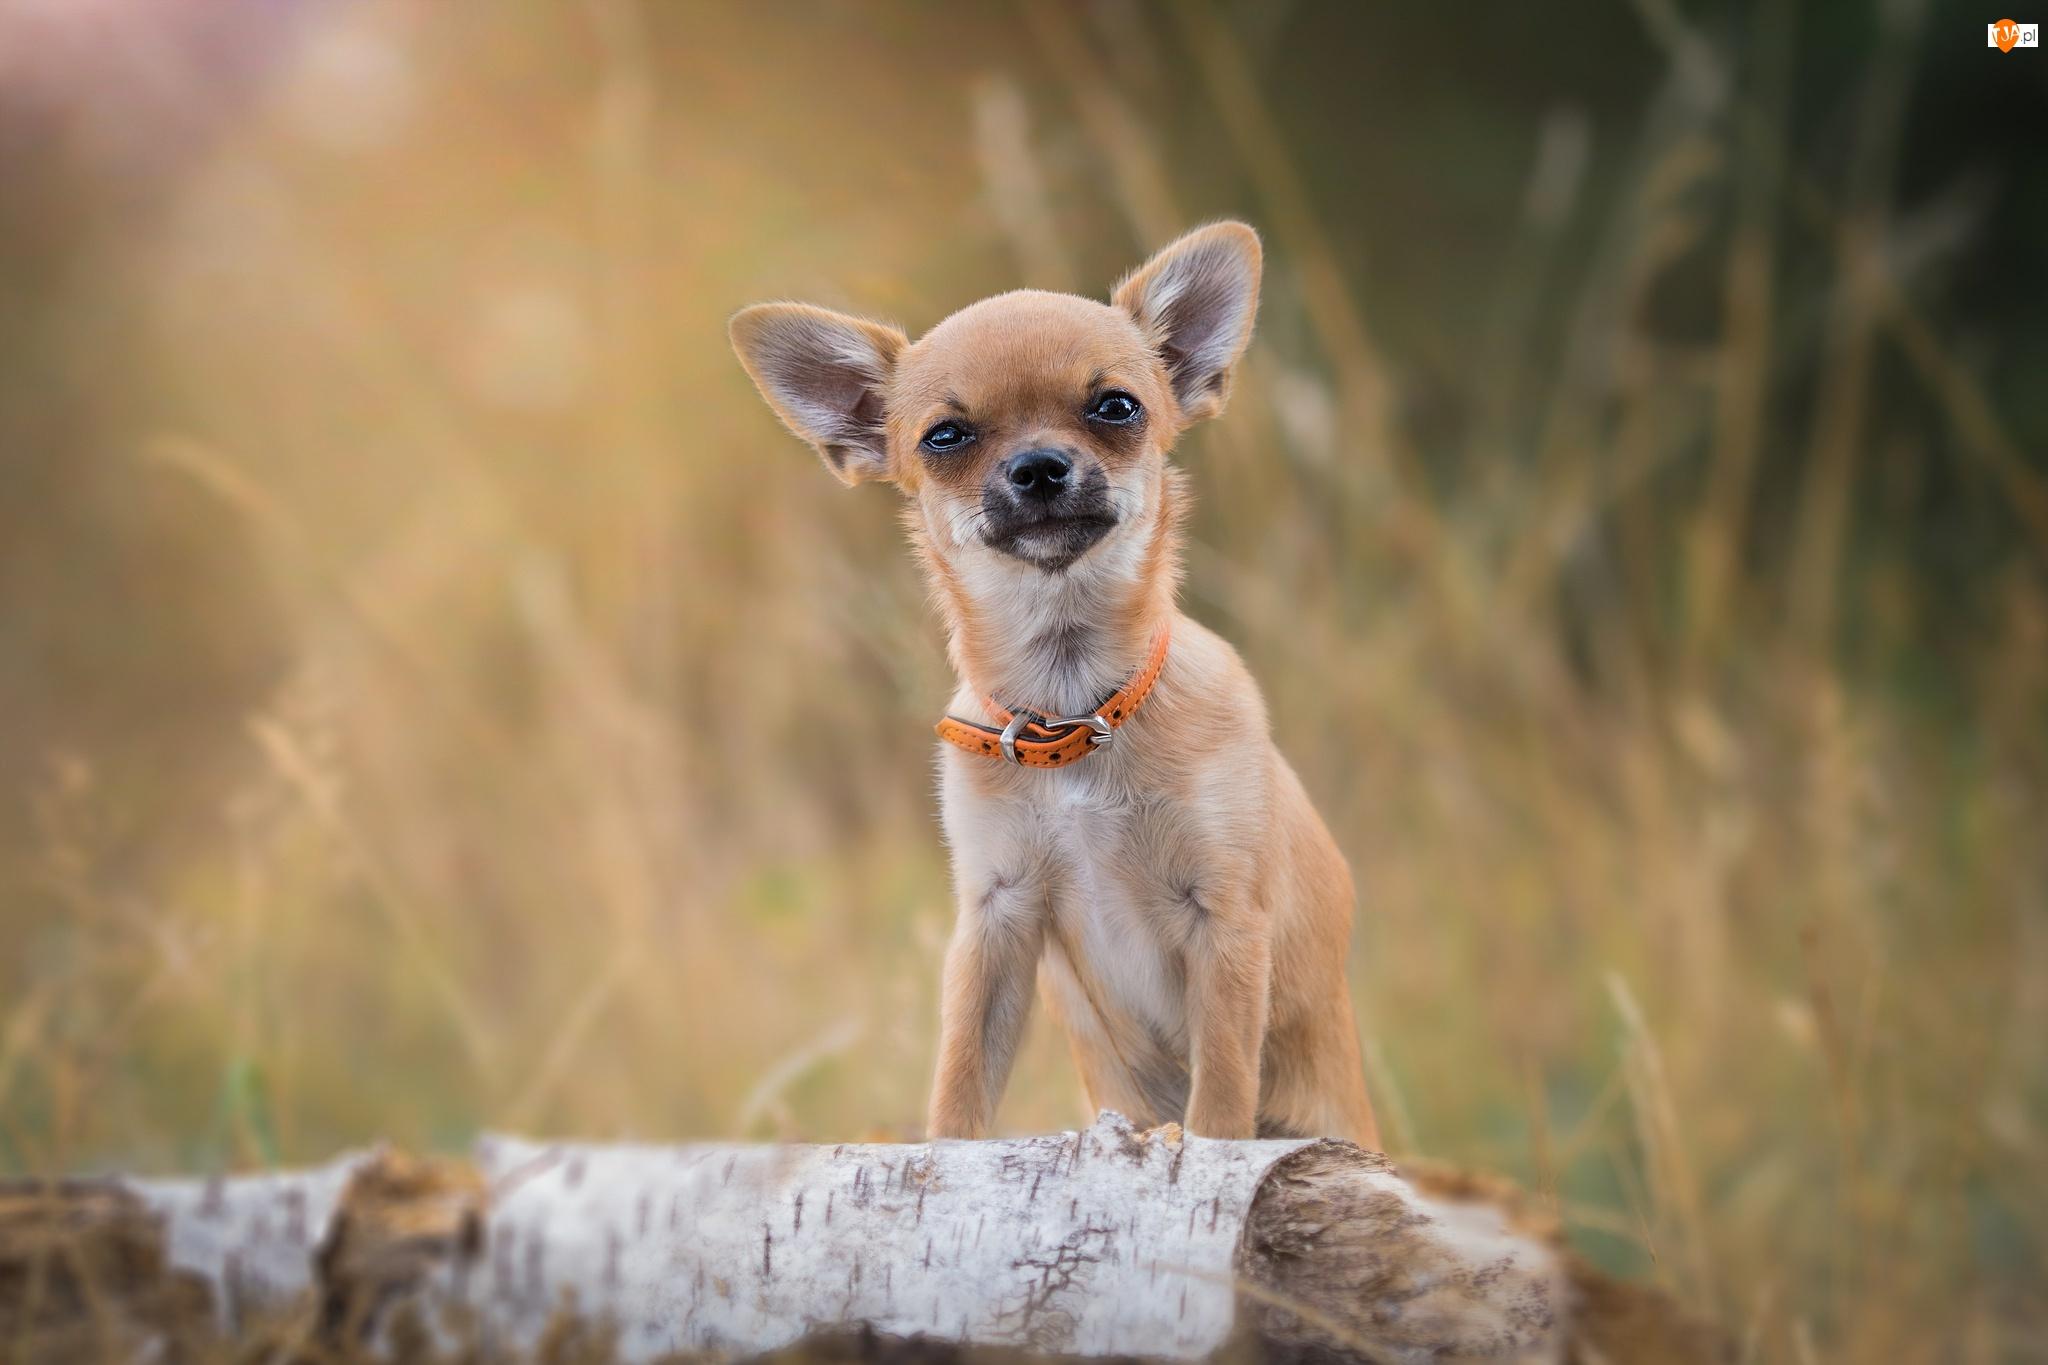 Obroża, Chihuahua, Piesek, Pomarańczowa